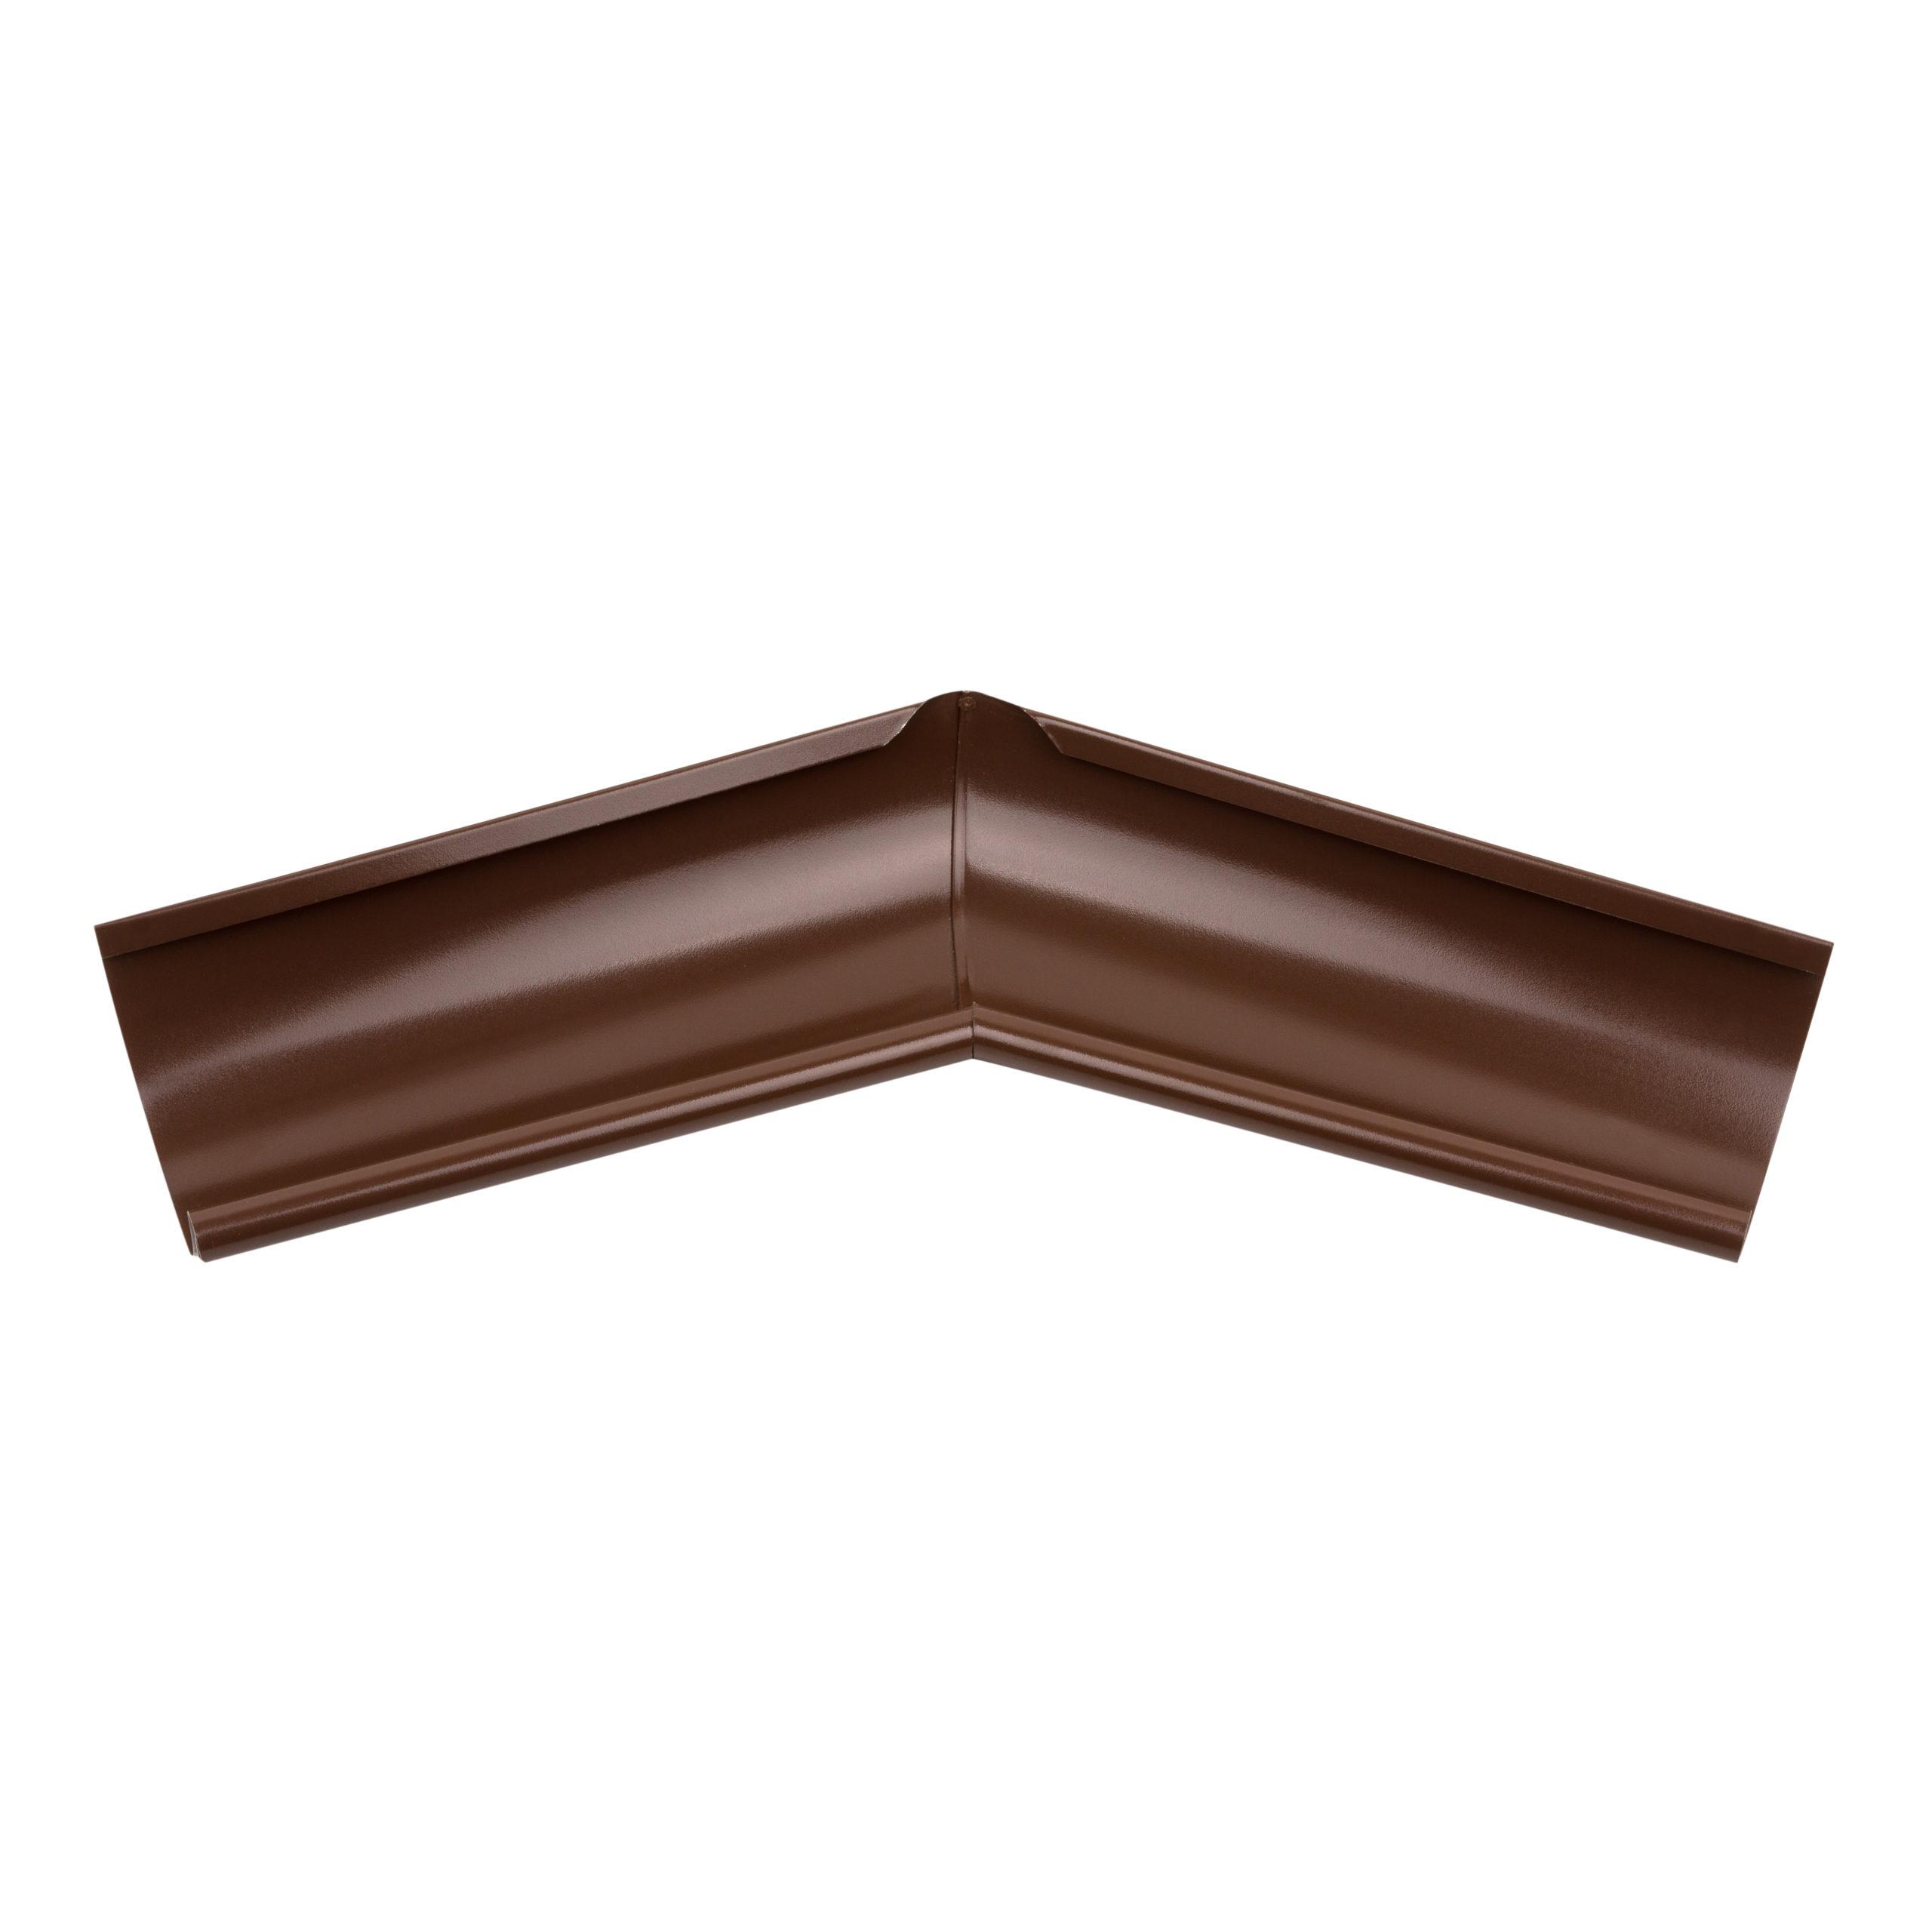 Внутрішній кут металевий, коричневий NEW 135° Aqueduct